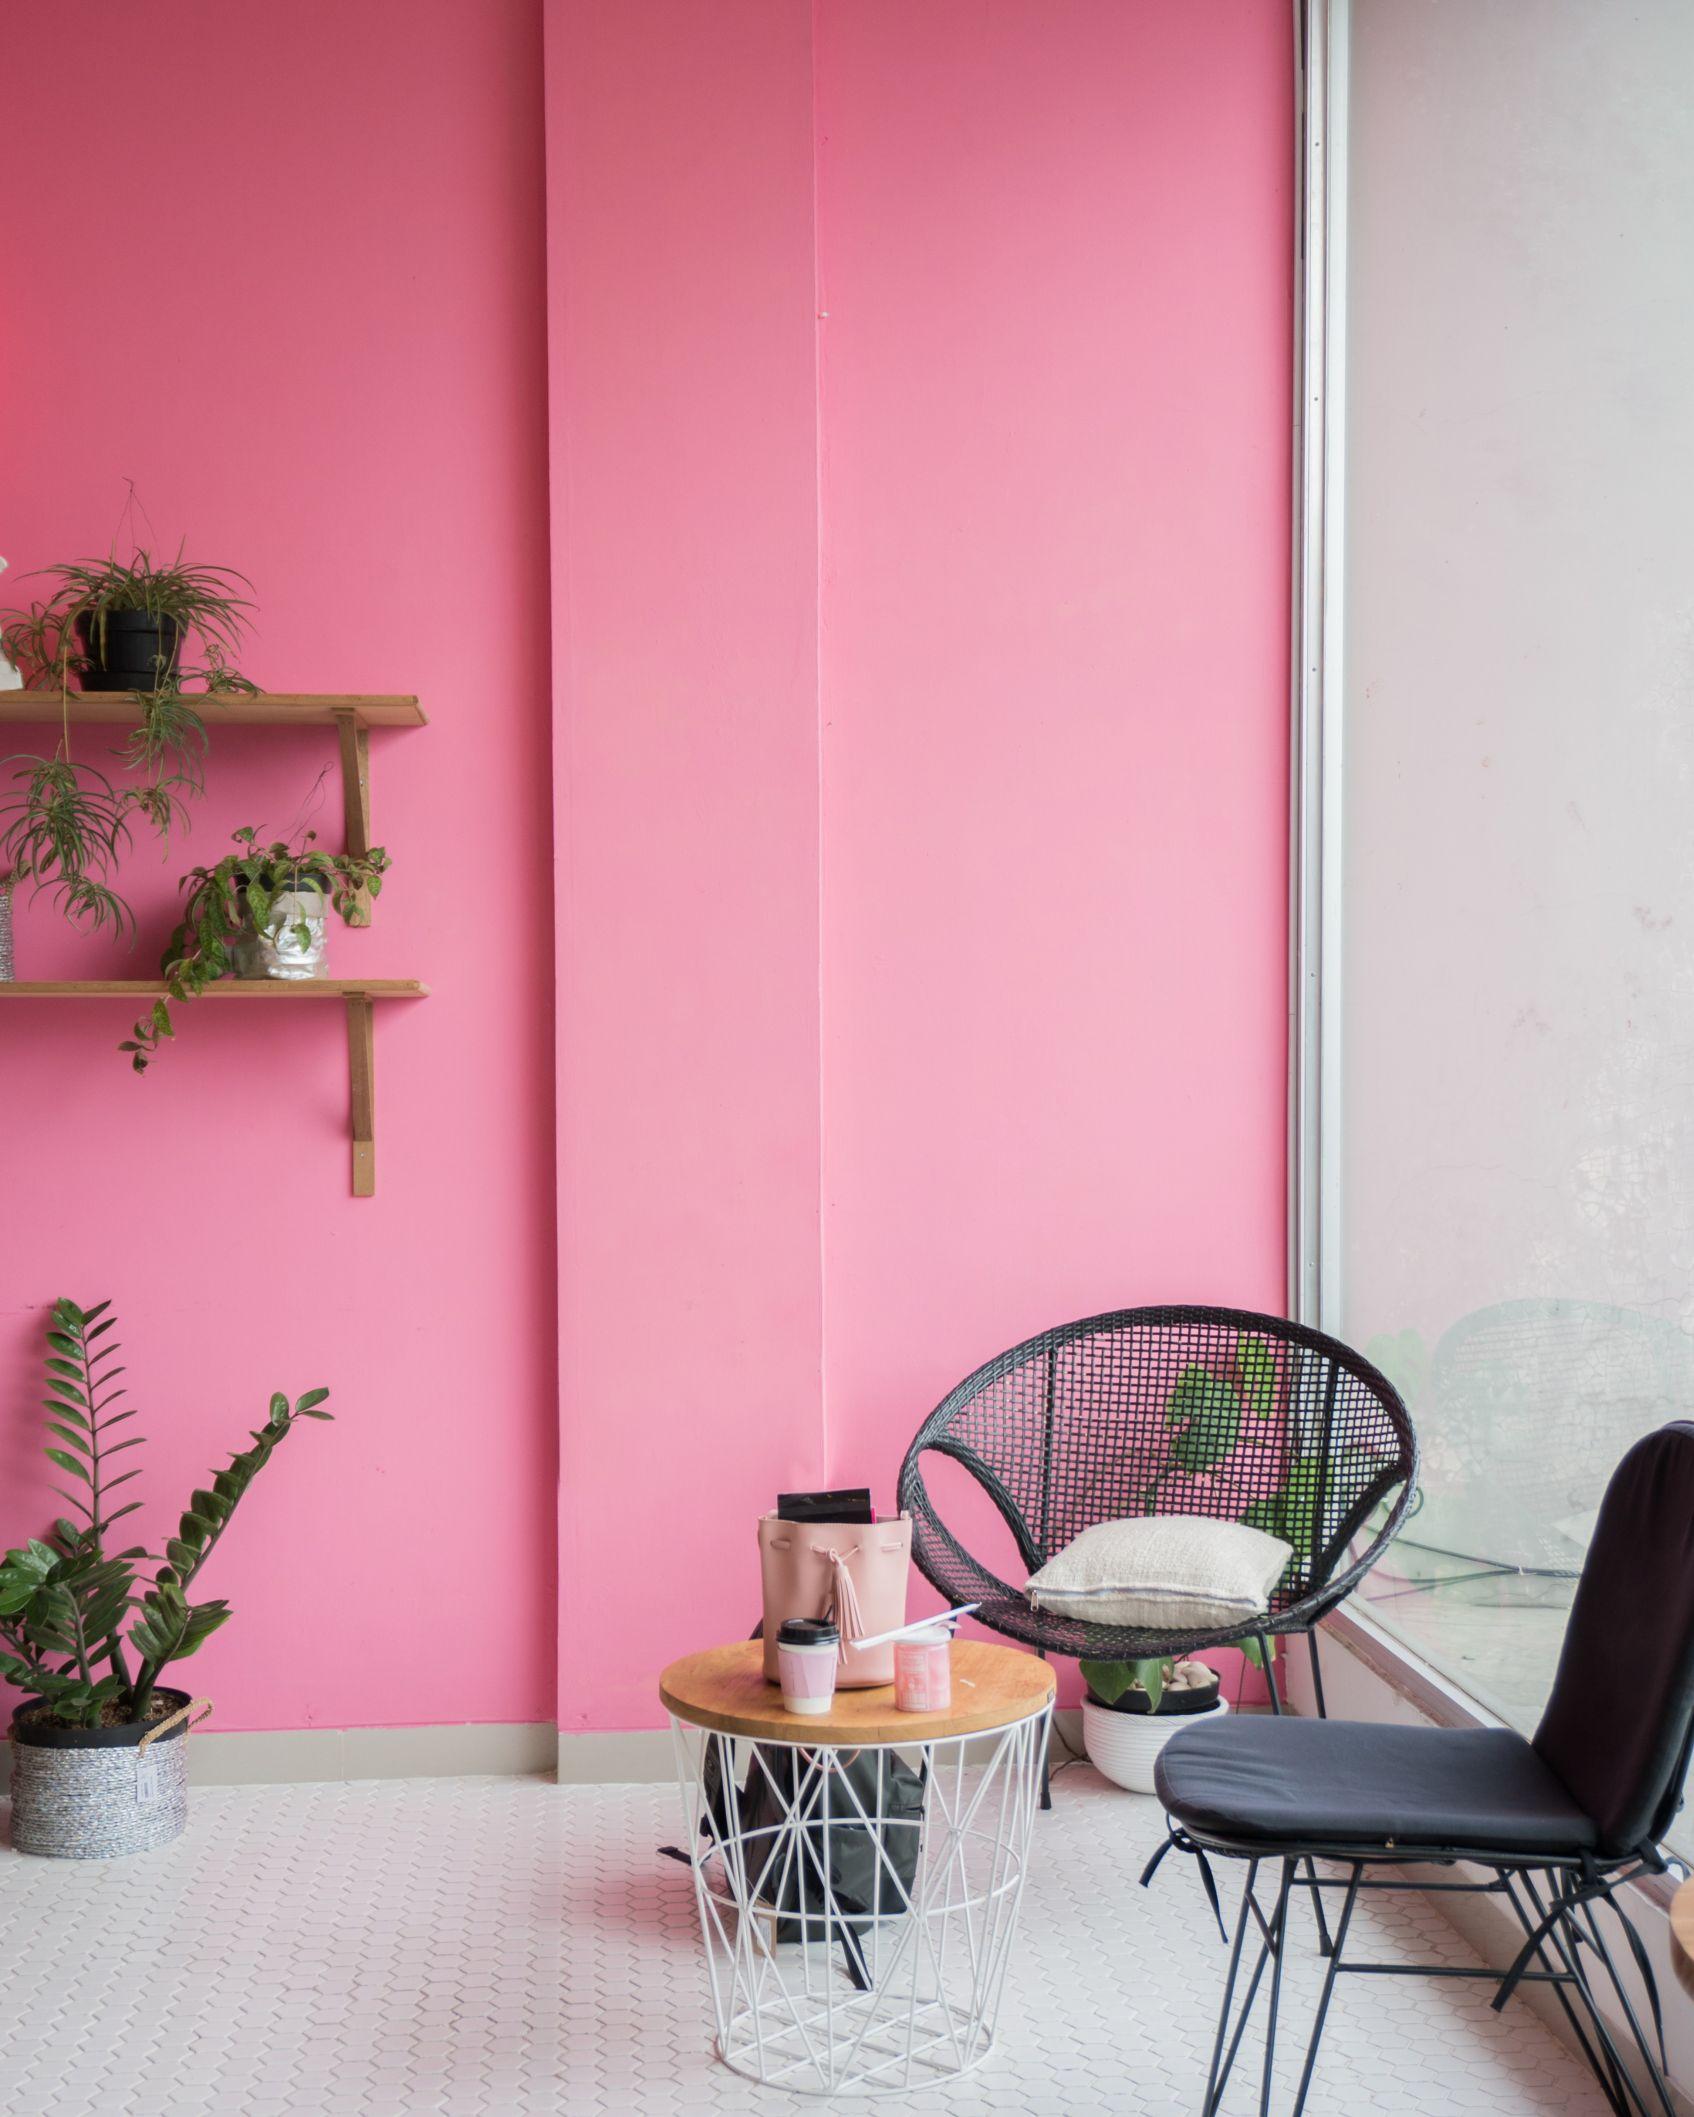 ffdbe4a67af4f8 modne kolory scian w mieszkaniu millennial pink roz pomysly aranzacje  inspiracje dekoportal